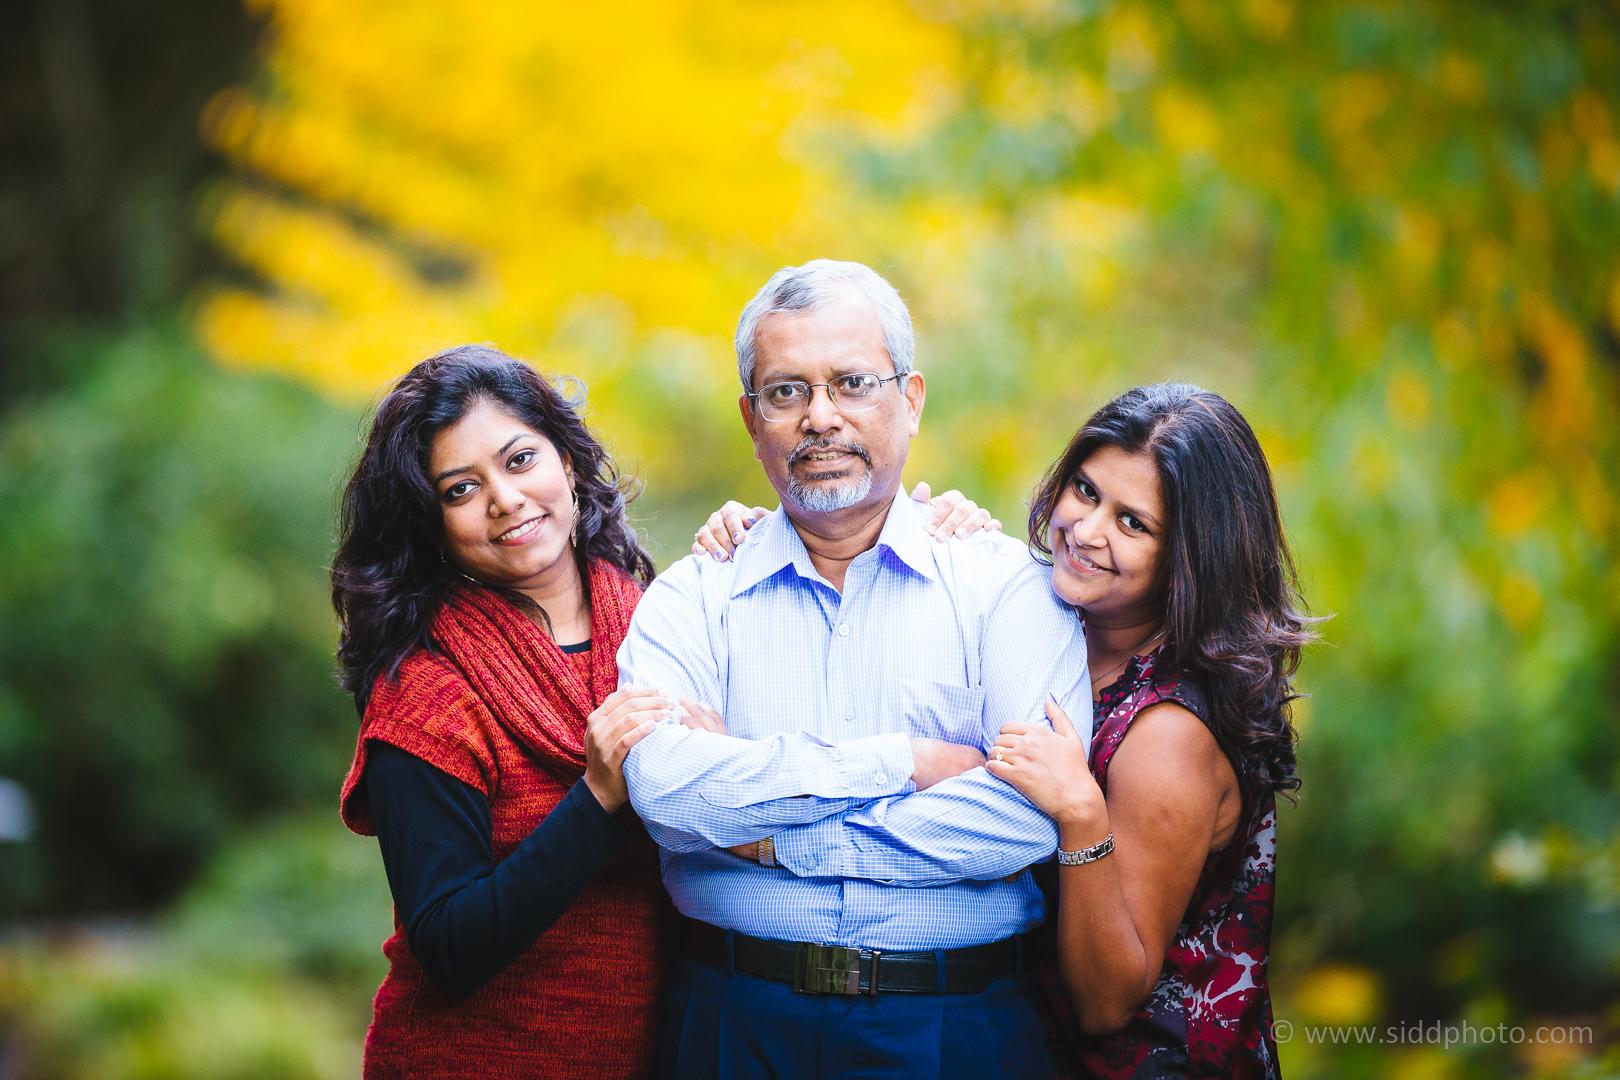 2014-10-24 - 2014-10-25 - Mugdha Aniruddha Family - _O5C7406